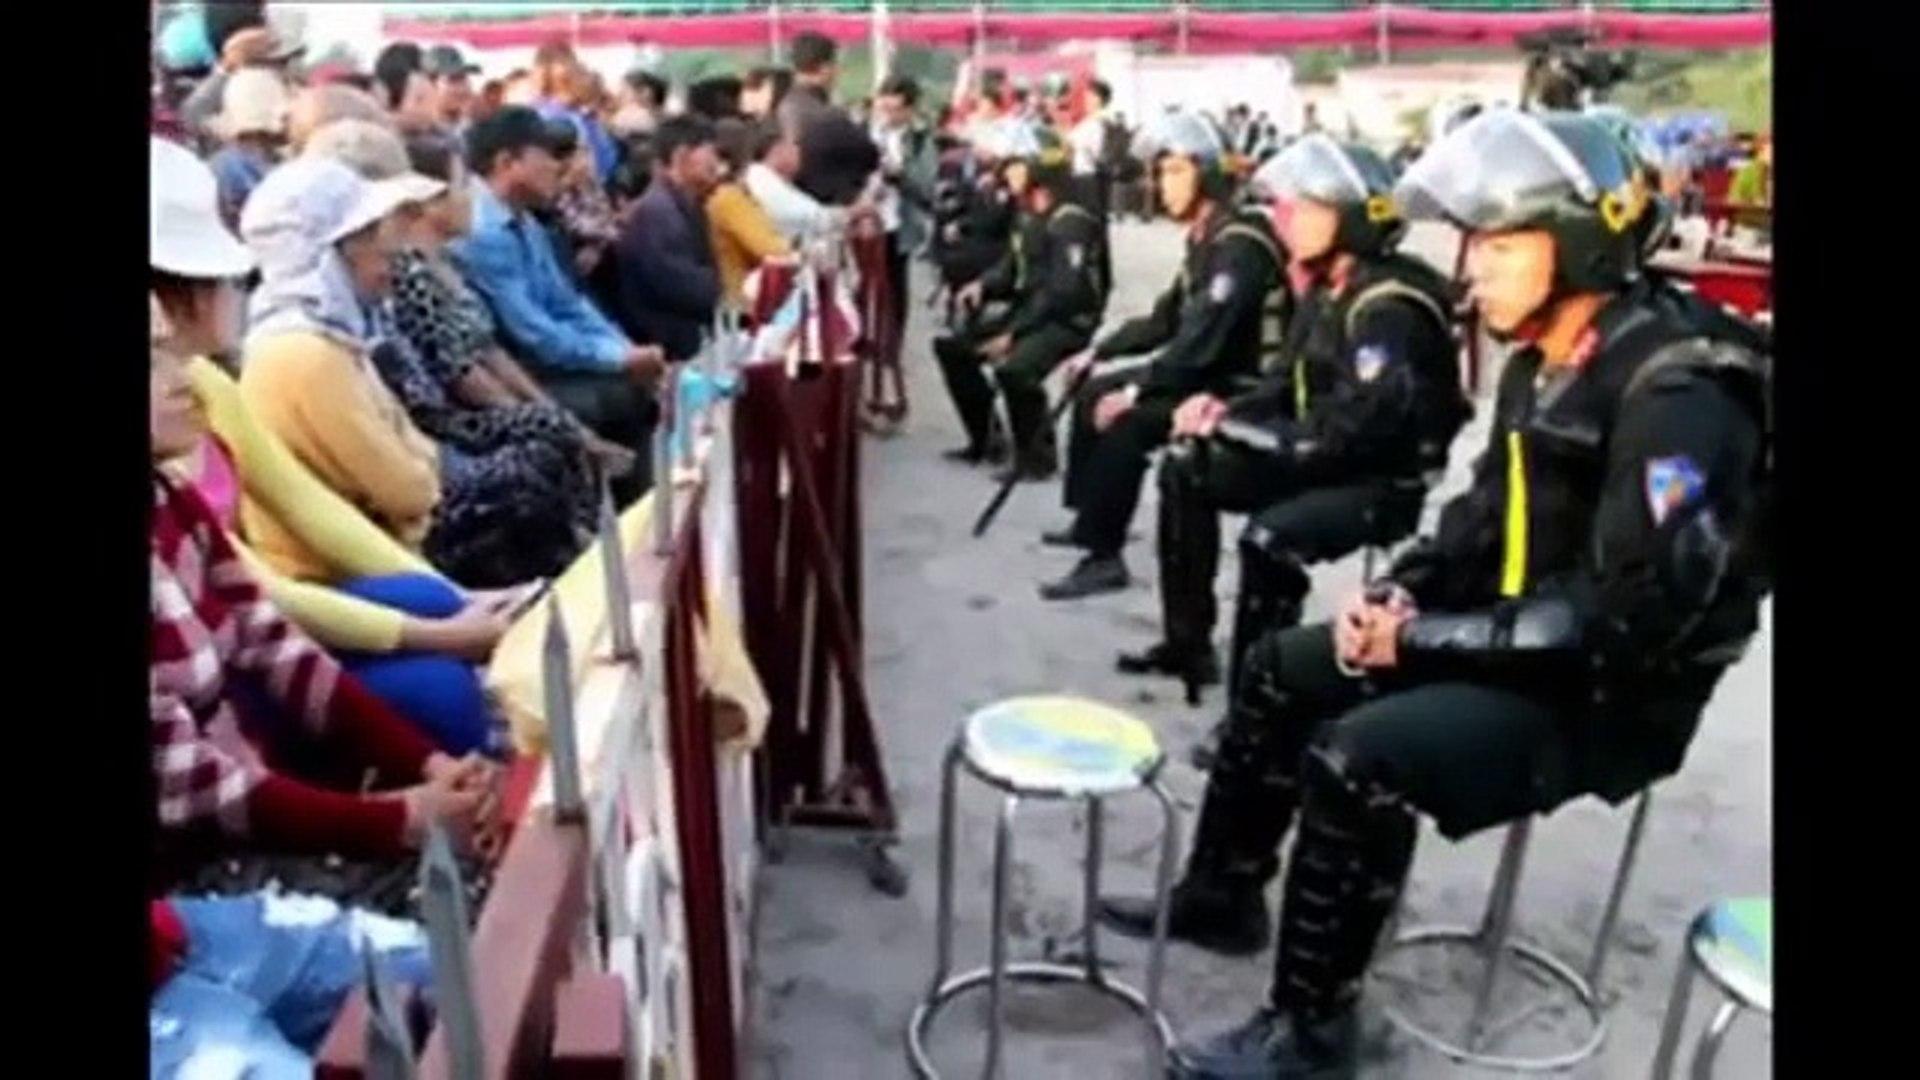 Thảm sát ở Bình Phước Trực tiếp: Xét xử vụ thảm sát 6 người trong gia đình (Hình ảnh)